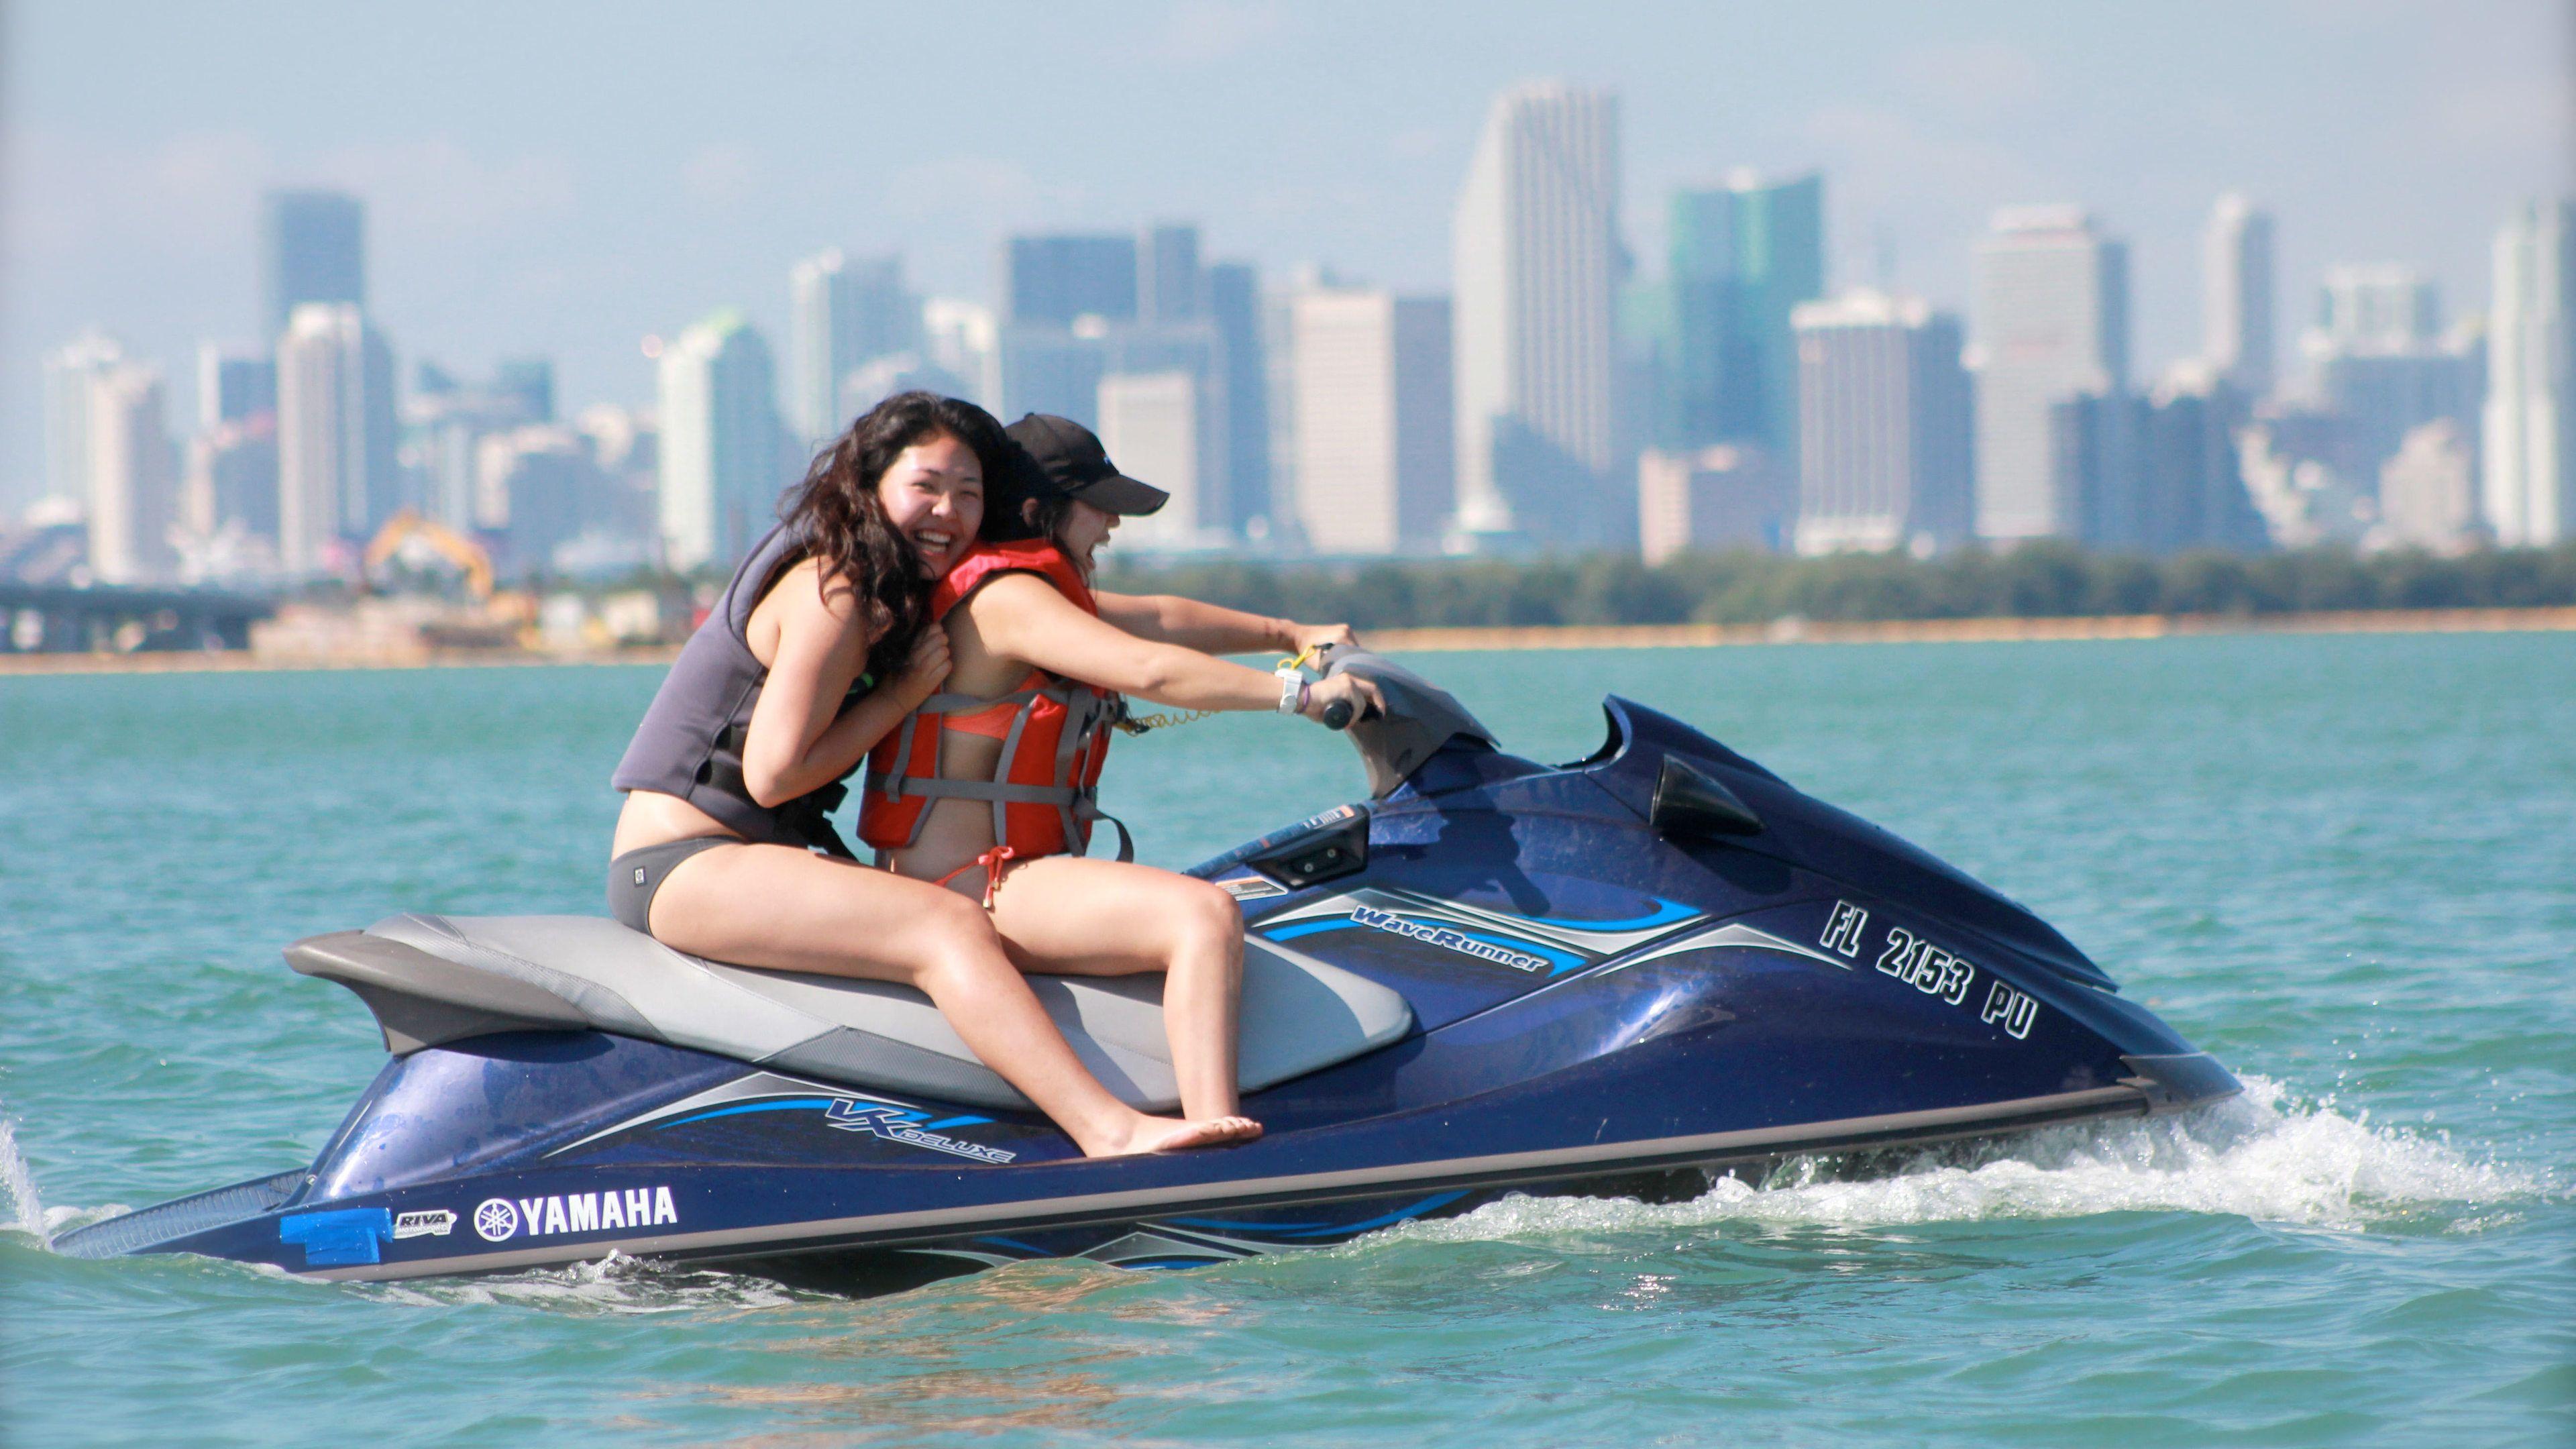 Jet ski on Miami Beach